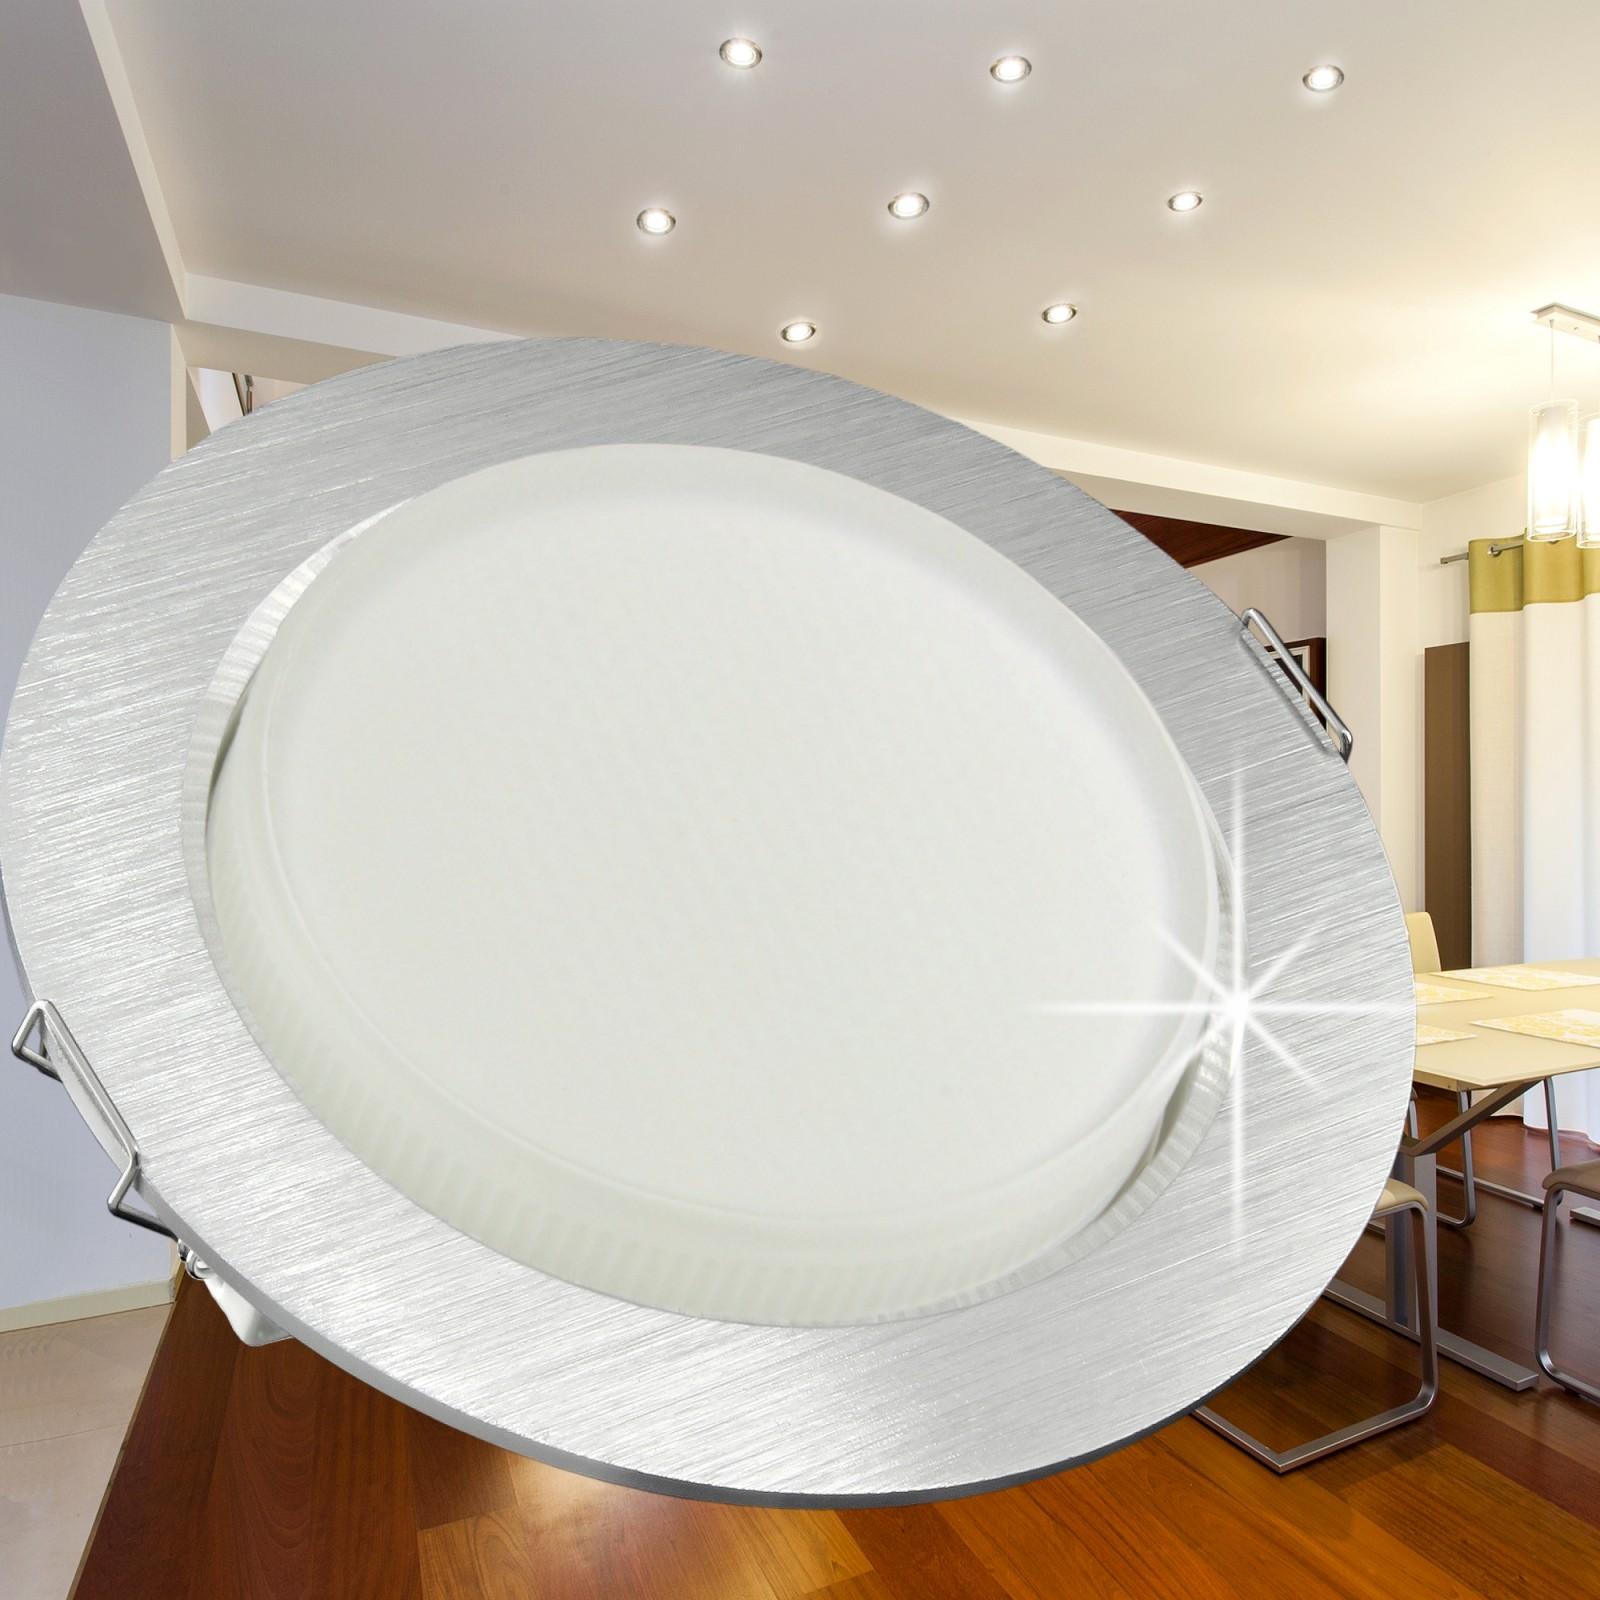 rx 3 alu led einbauleuchte einbaustrahler flach gx53 230v 30smd leds tageslicht ebay. Black Bedroom Furniture Sets. Home Design Ideas